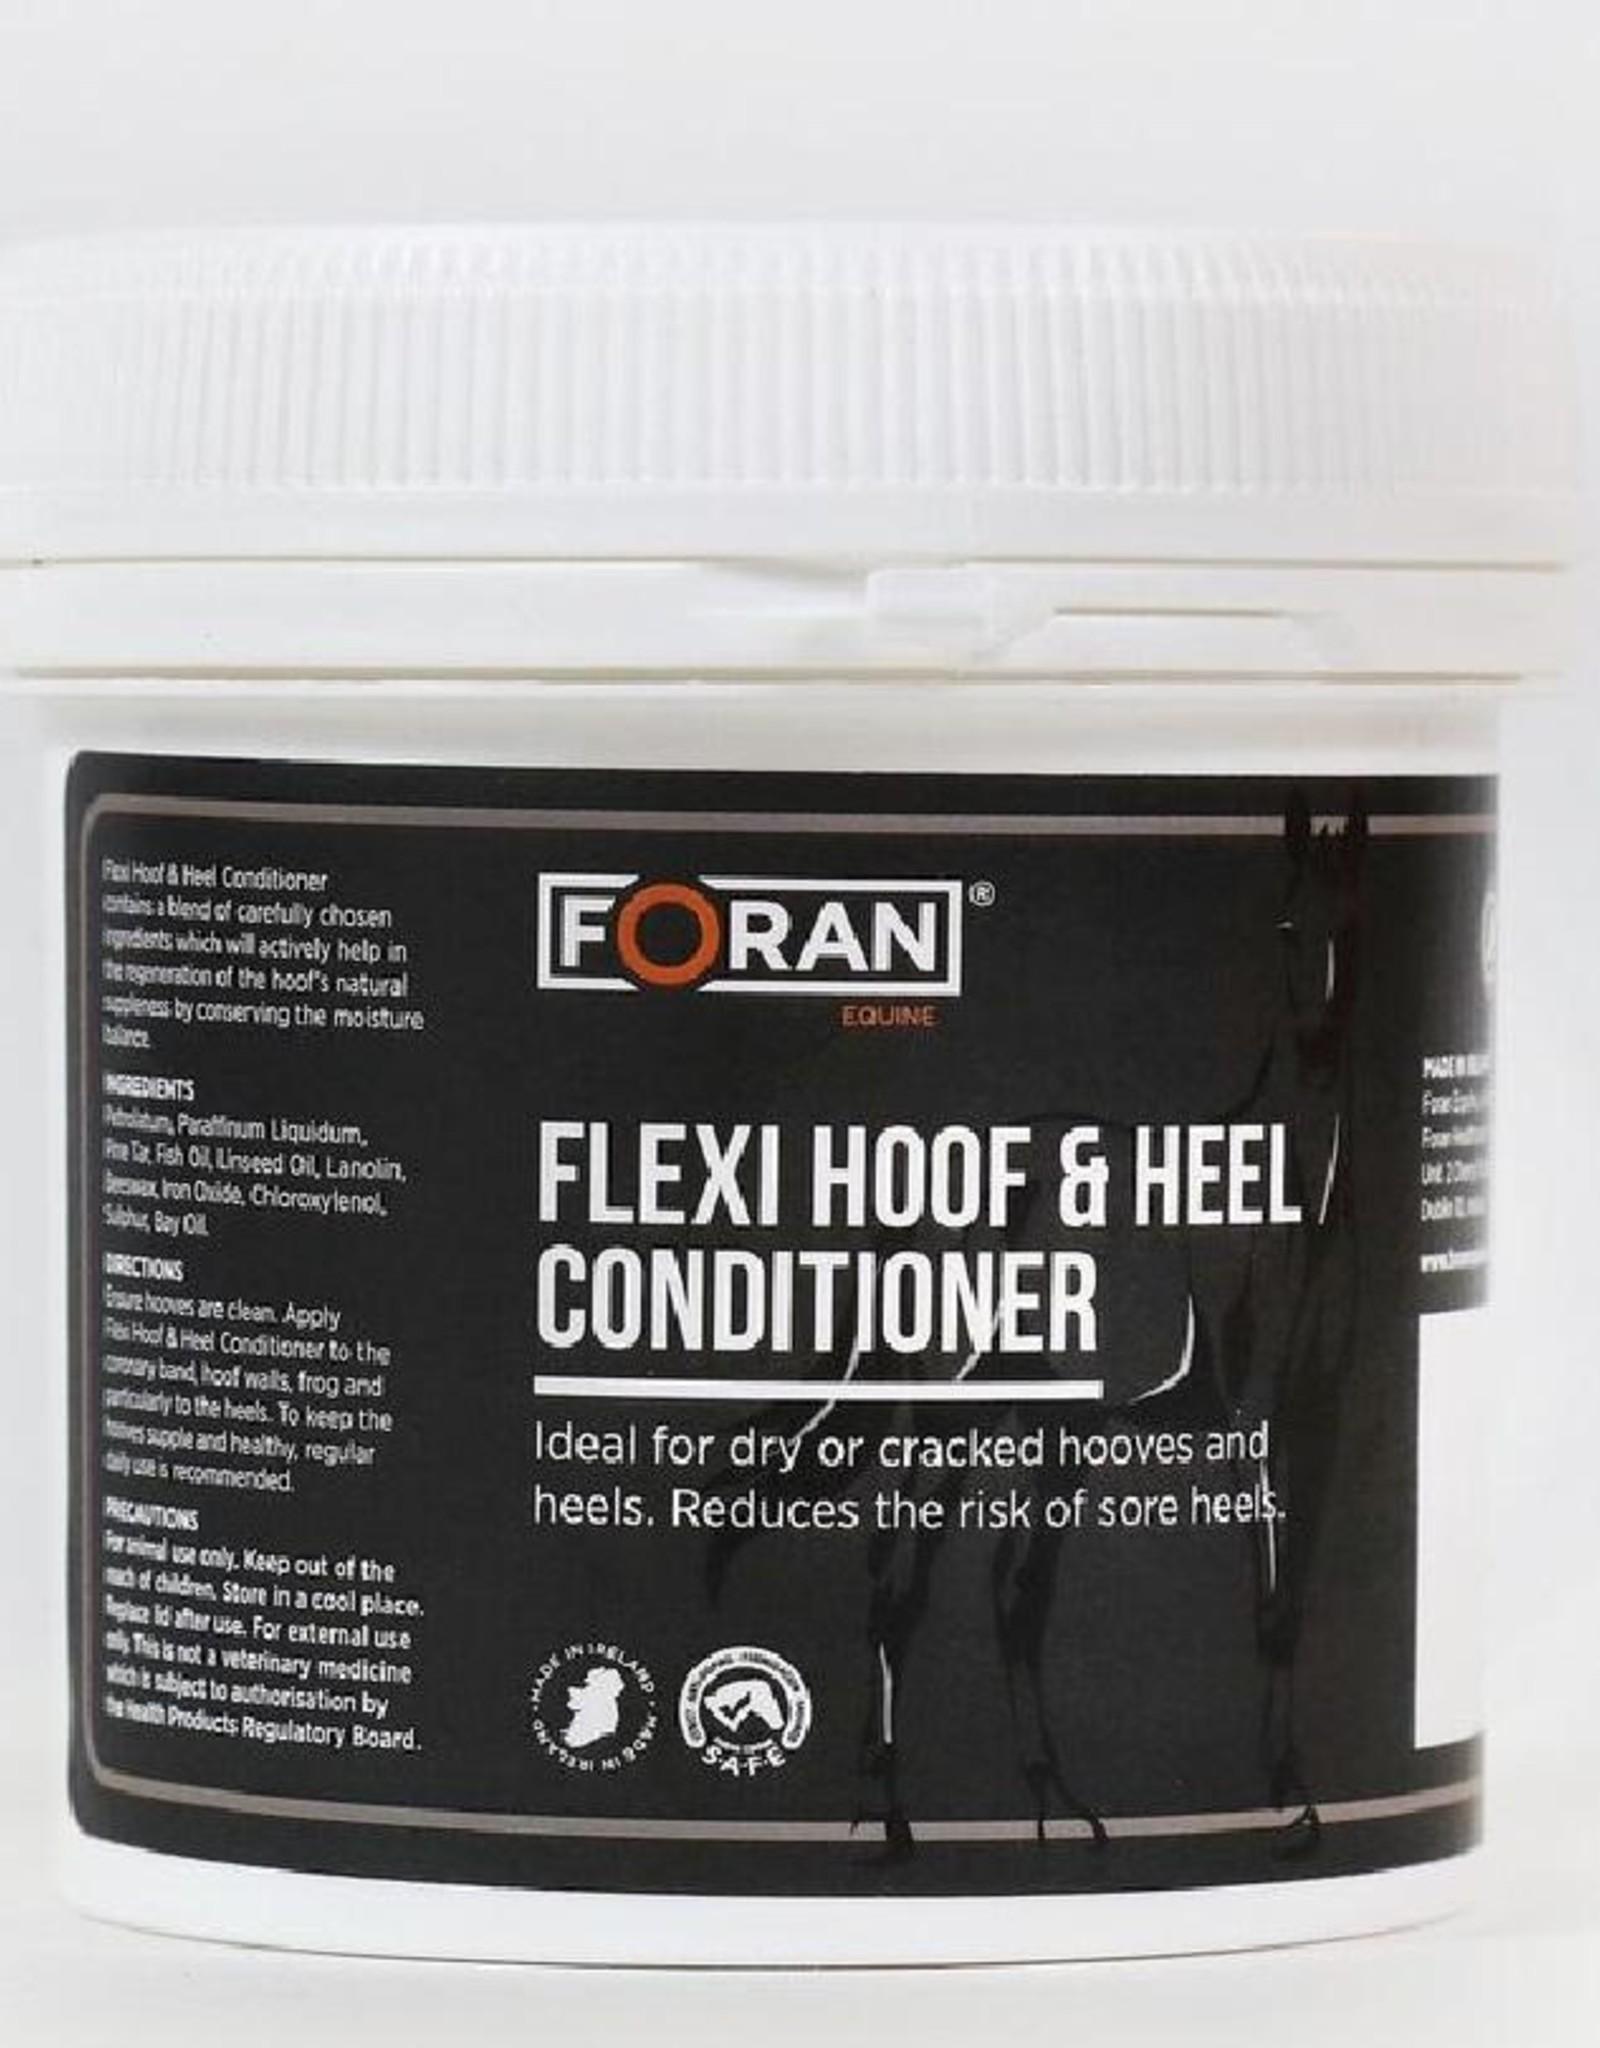 Foran Flexi Hoof & Heel Conditioner